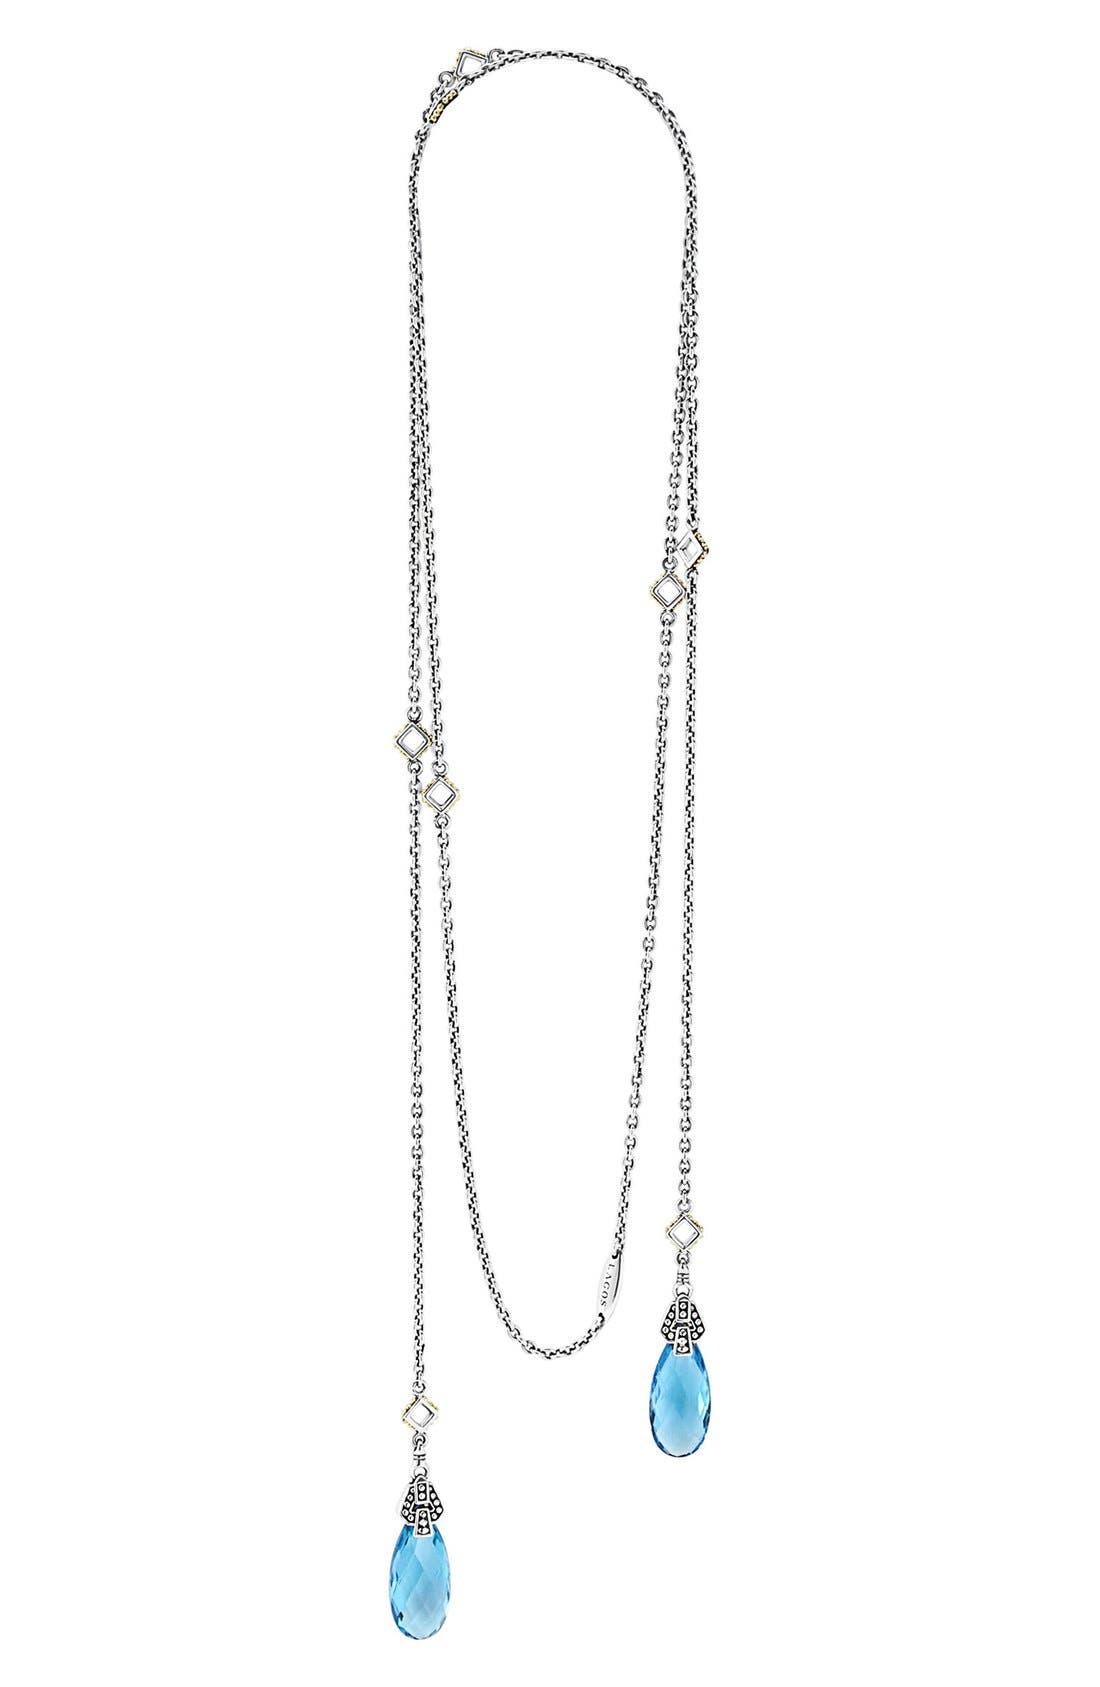 'Caviar Color' Semiprecious Stone Lariat Necklace,                         Main,                         color, Blue Topaz